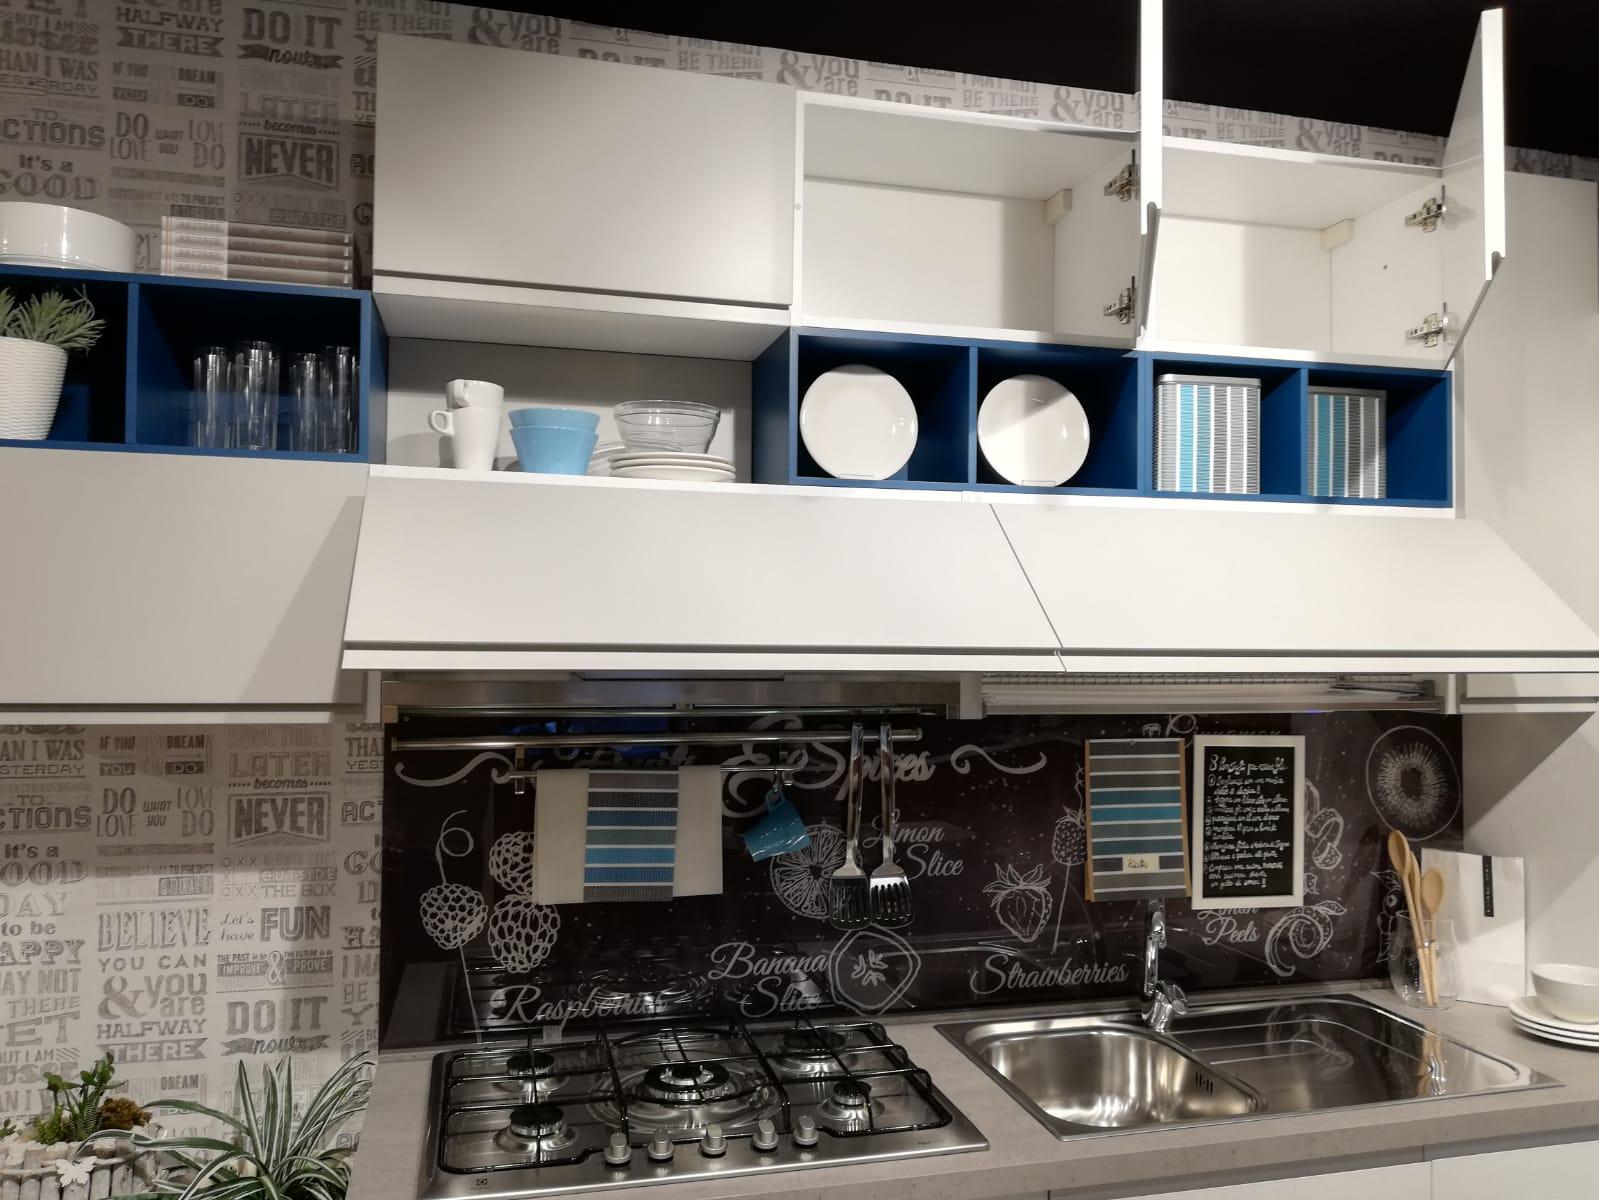 Cucina luna abitare arredamenti giugliano for Abitare arredamenti giugliano